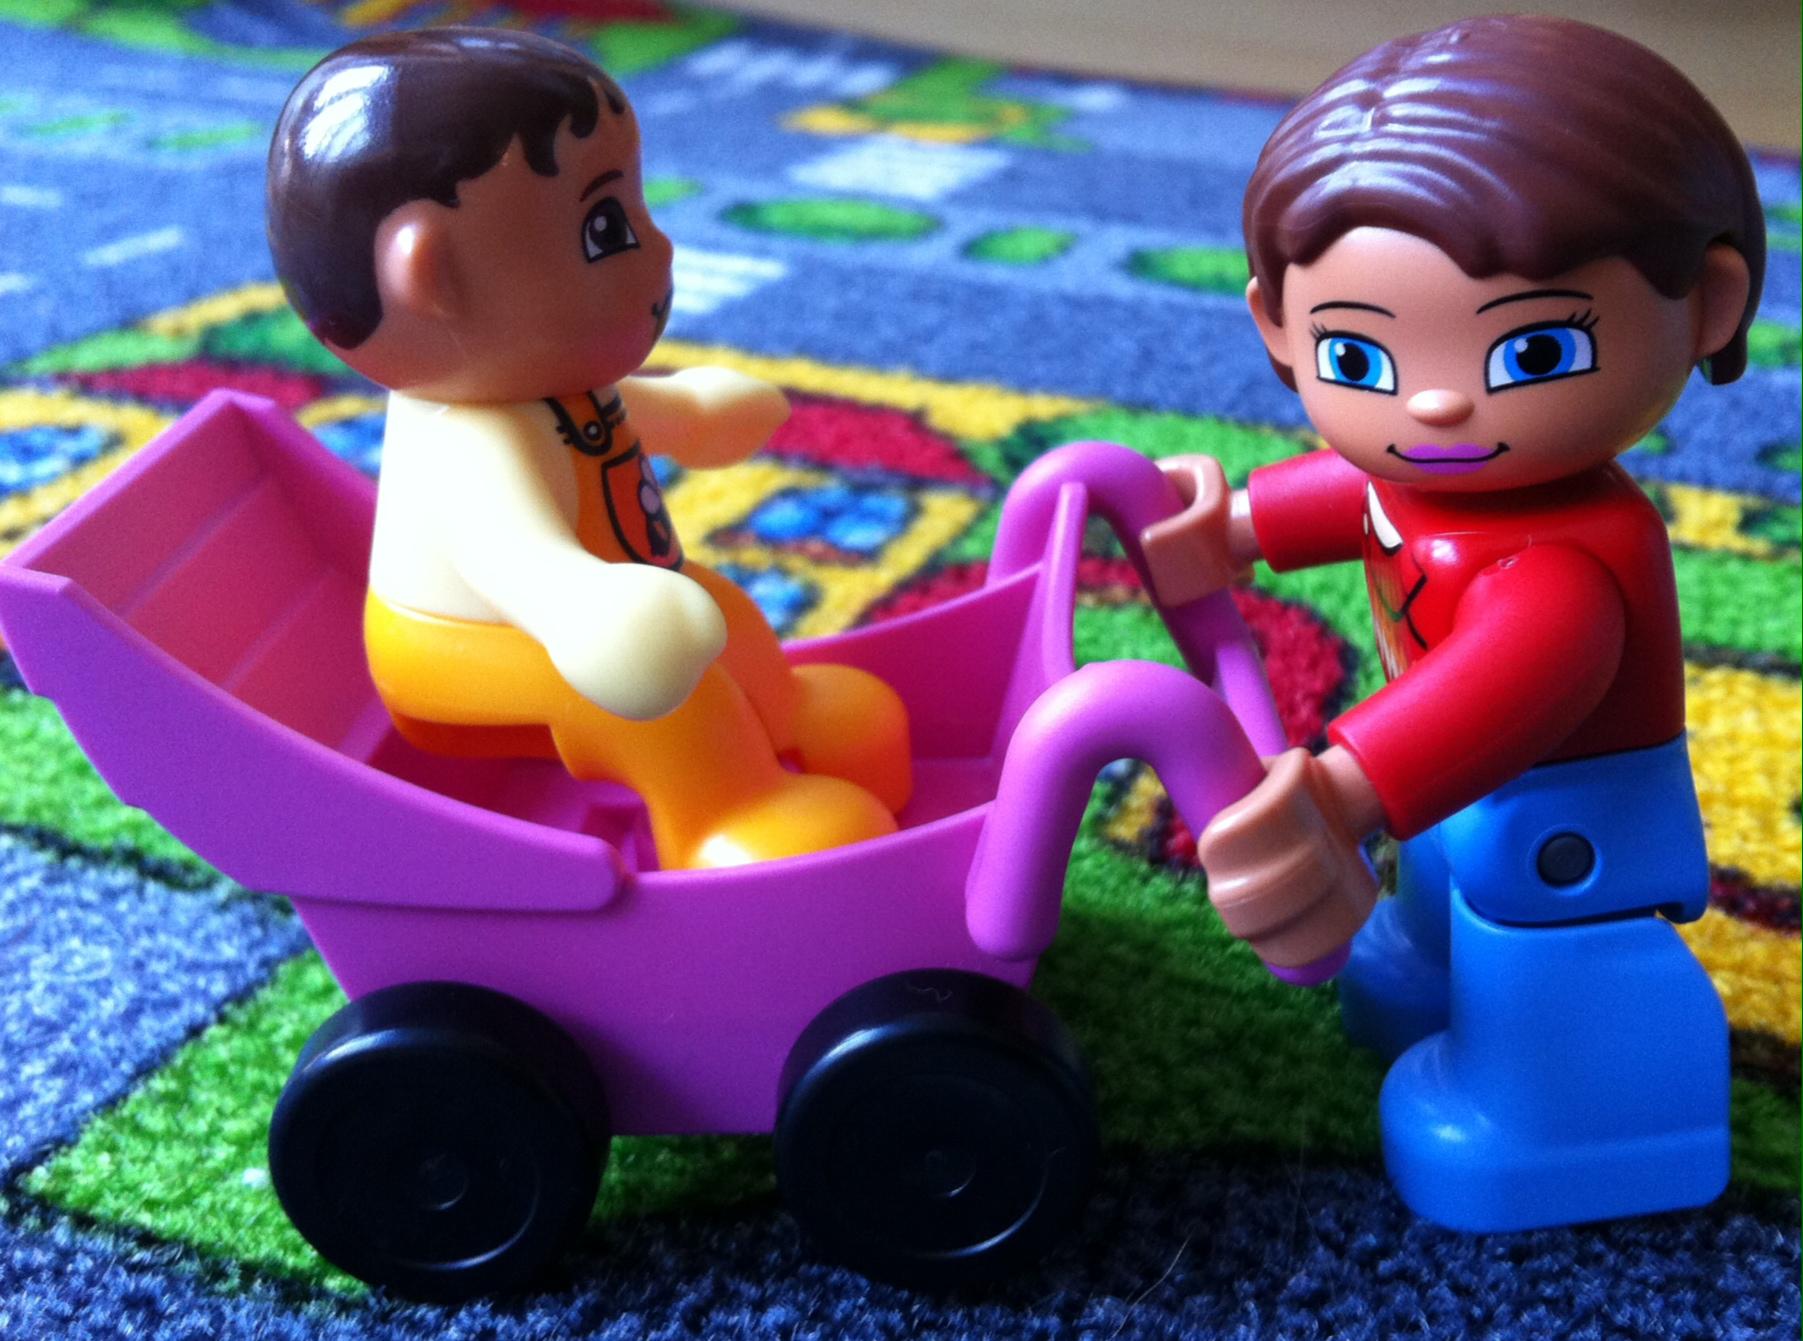 Woche unser lego fährt in urlaub babyartikel magazin